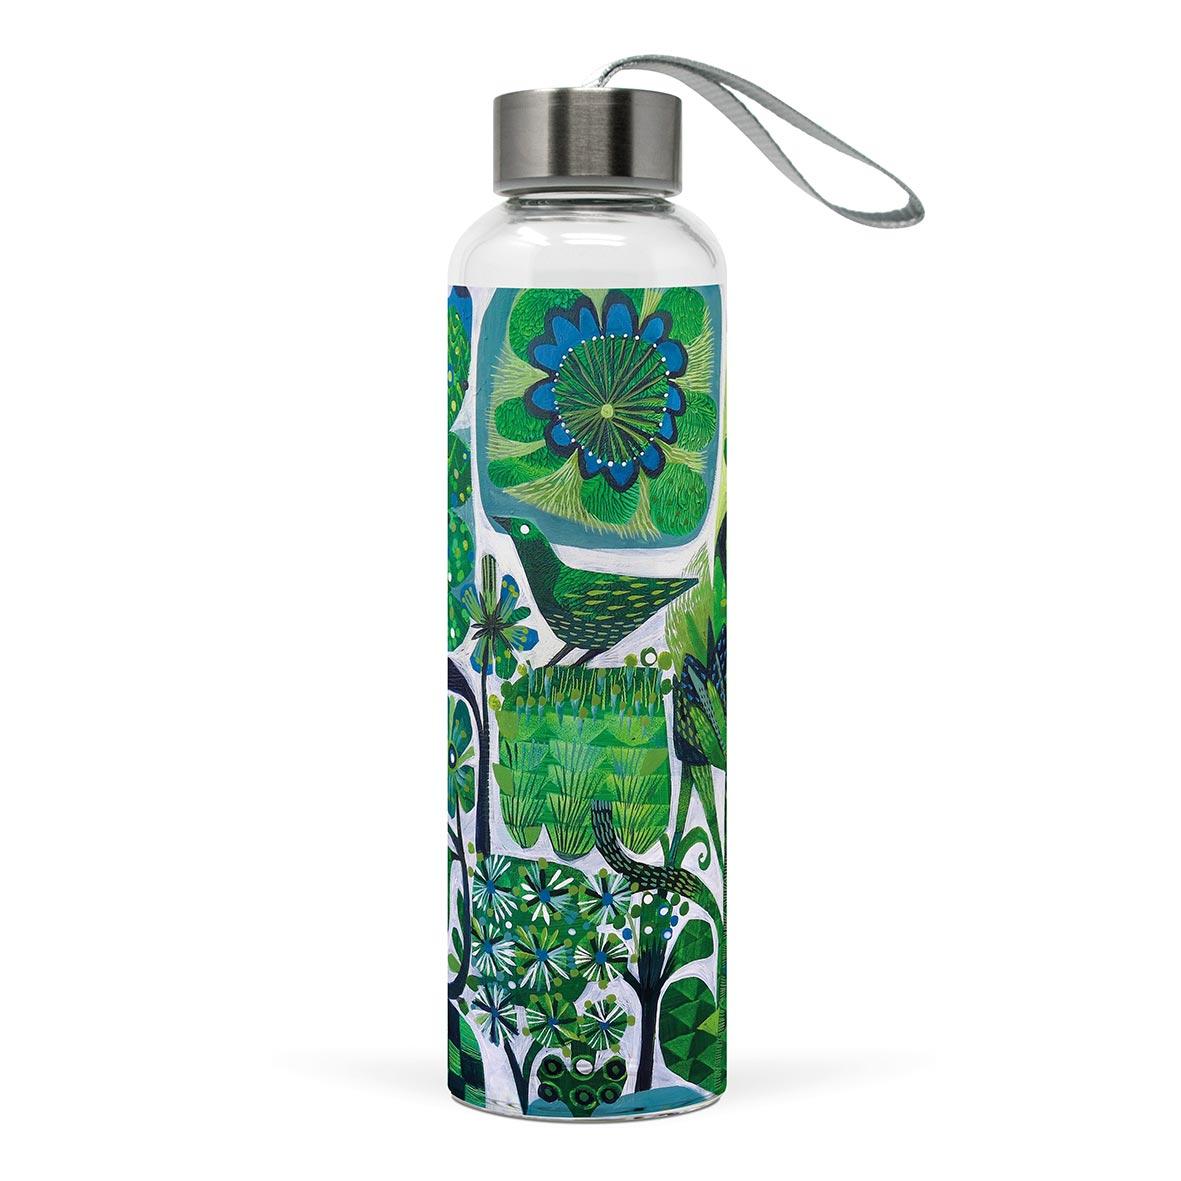 Greenery Bottle